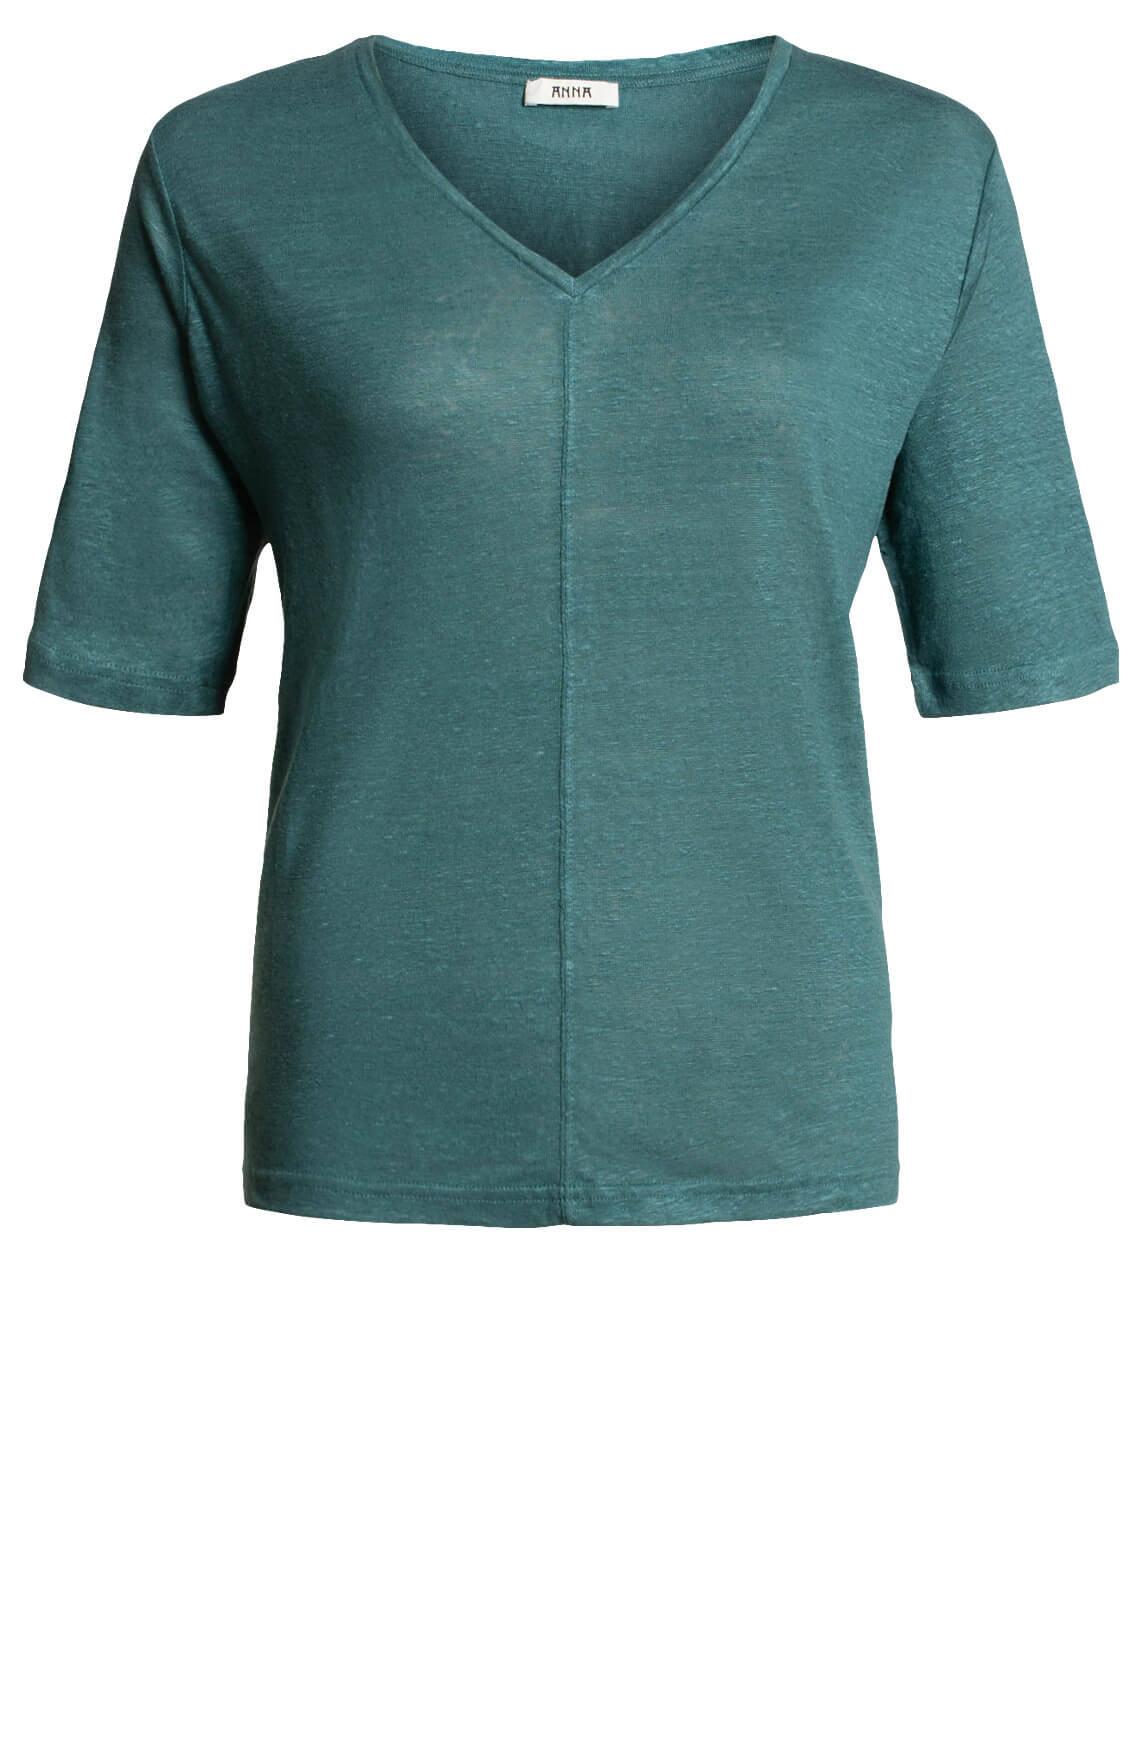 Anna Dames Linnen shirt met V-hals groen